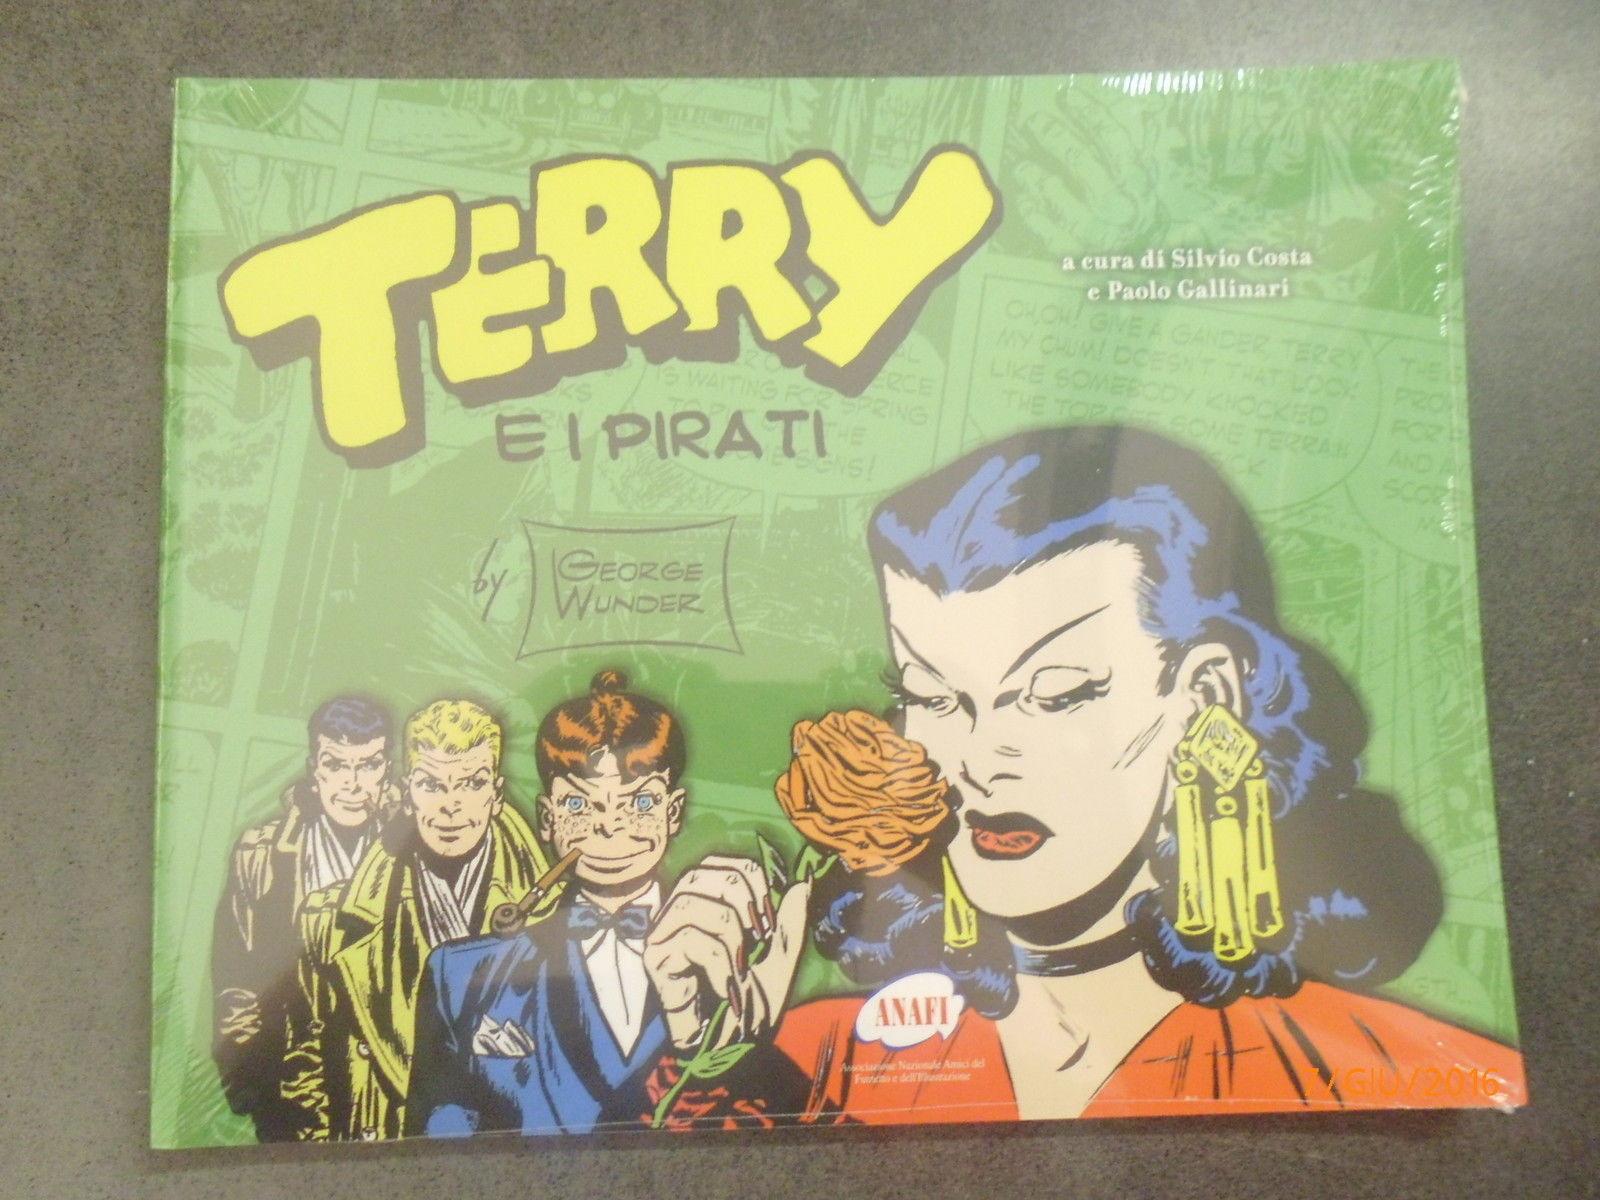 Terry e i pirati